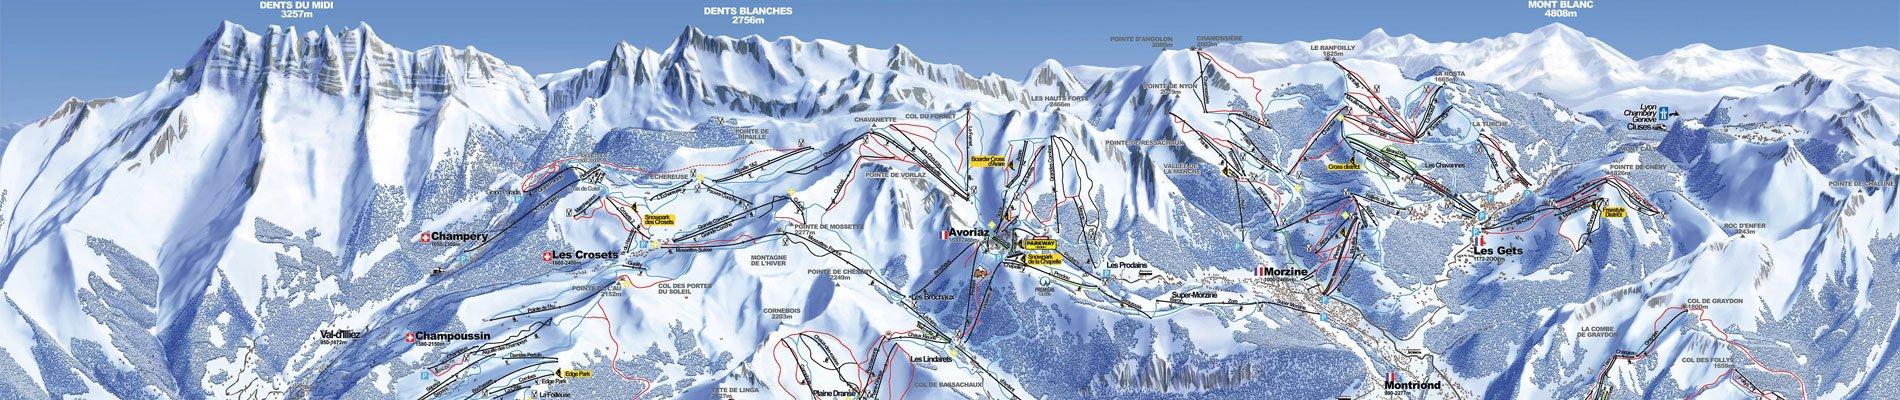 portes-du-soleil-skigebied-pistekaart